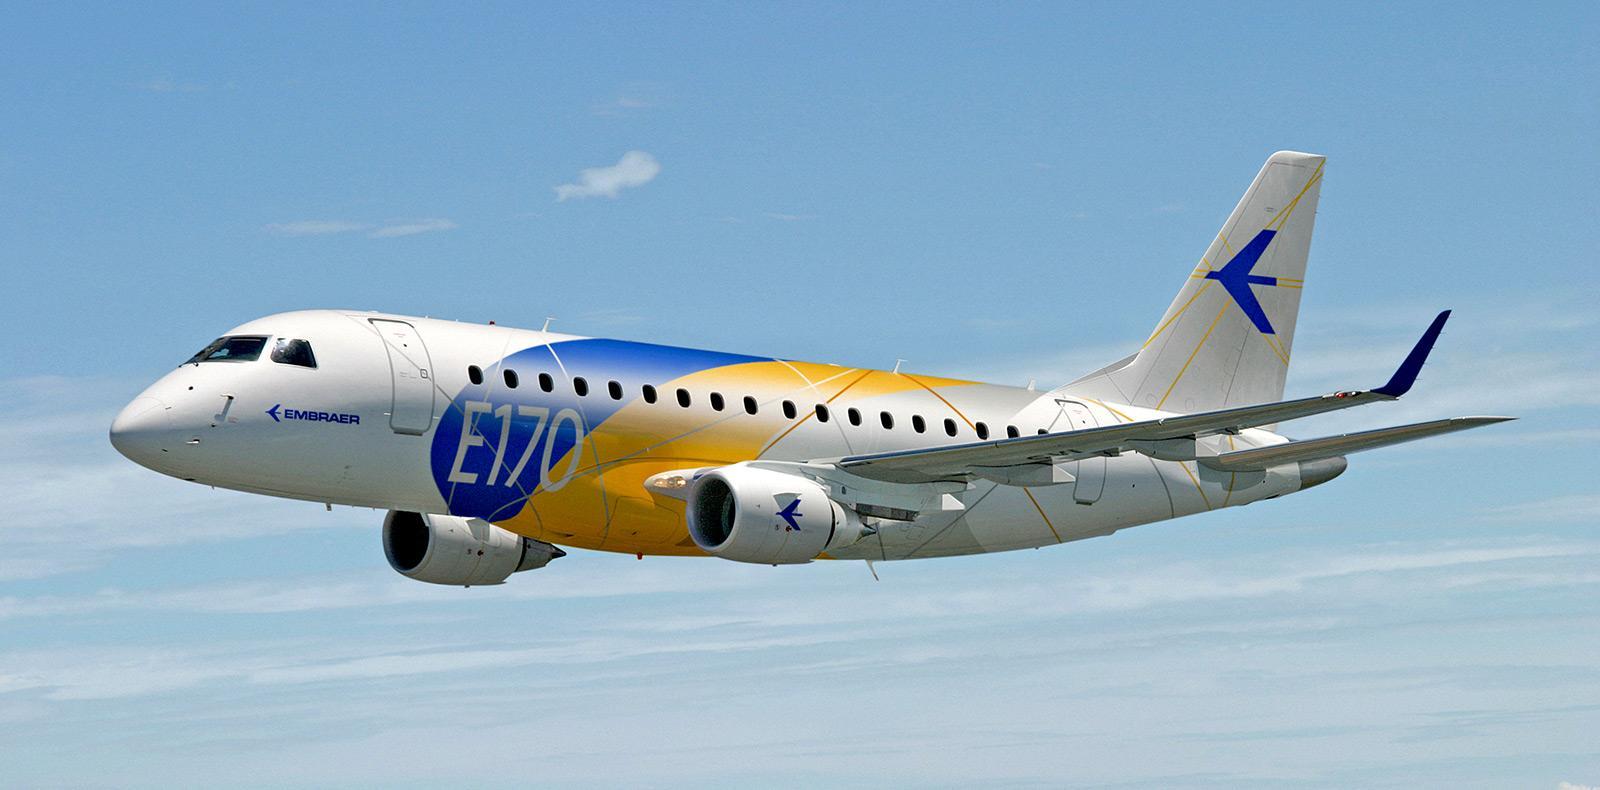 Бразильский Embraer E170 получит новые авиашины Michelin Air X M19602